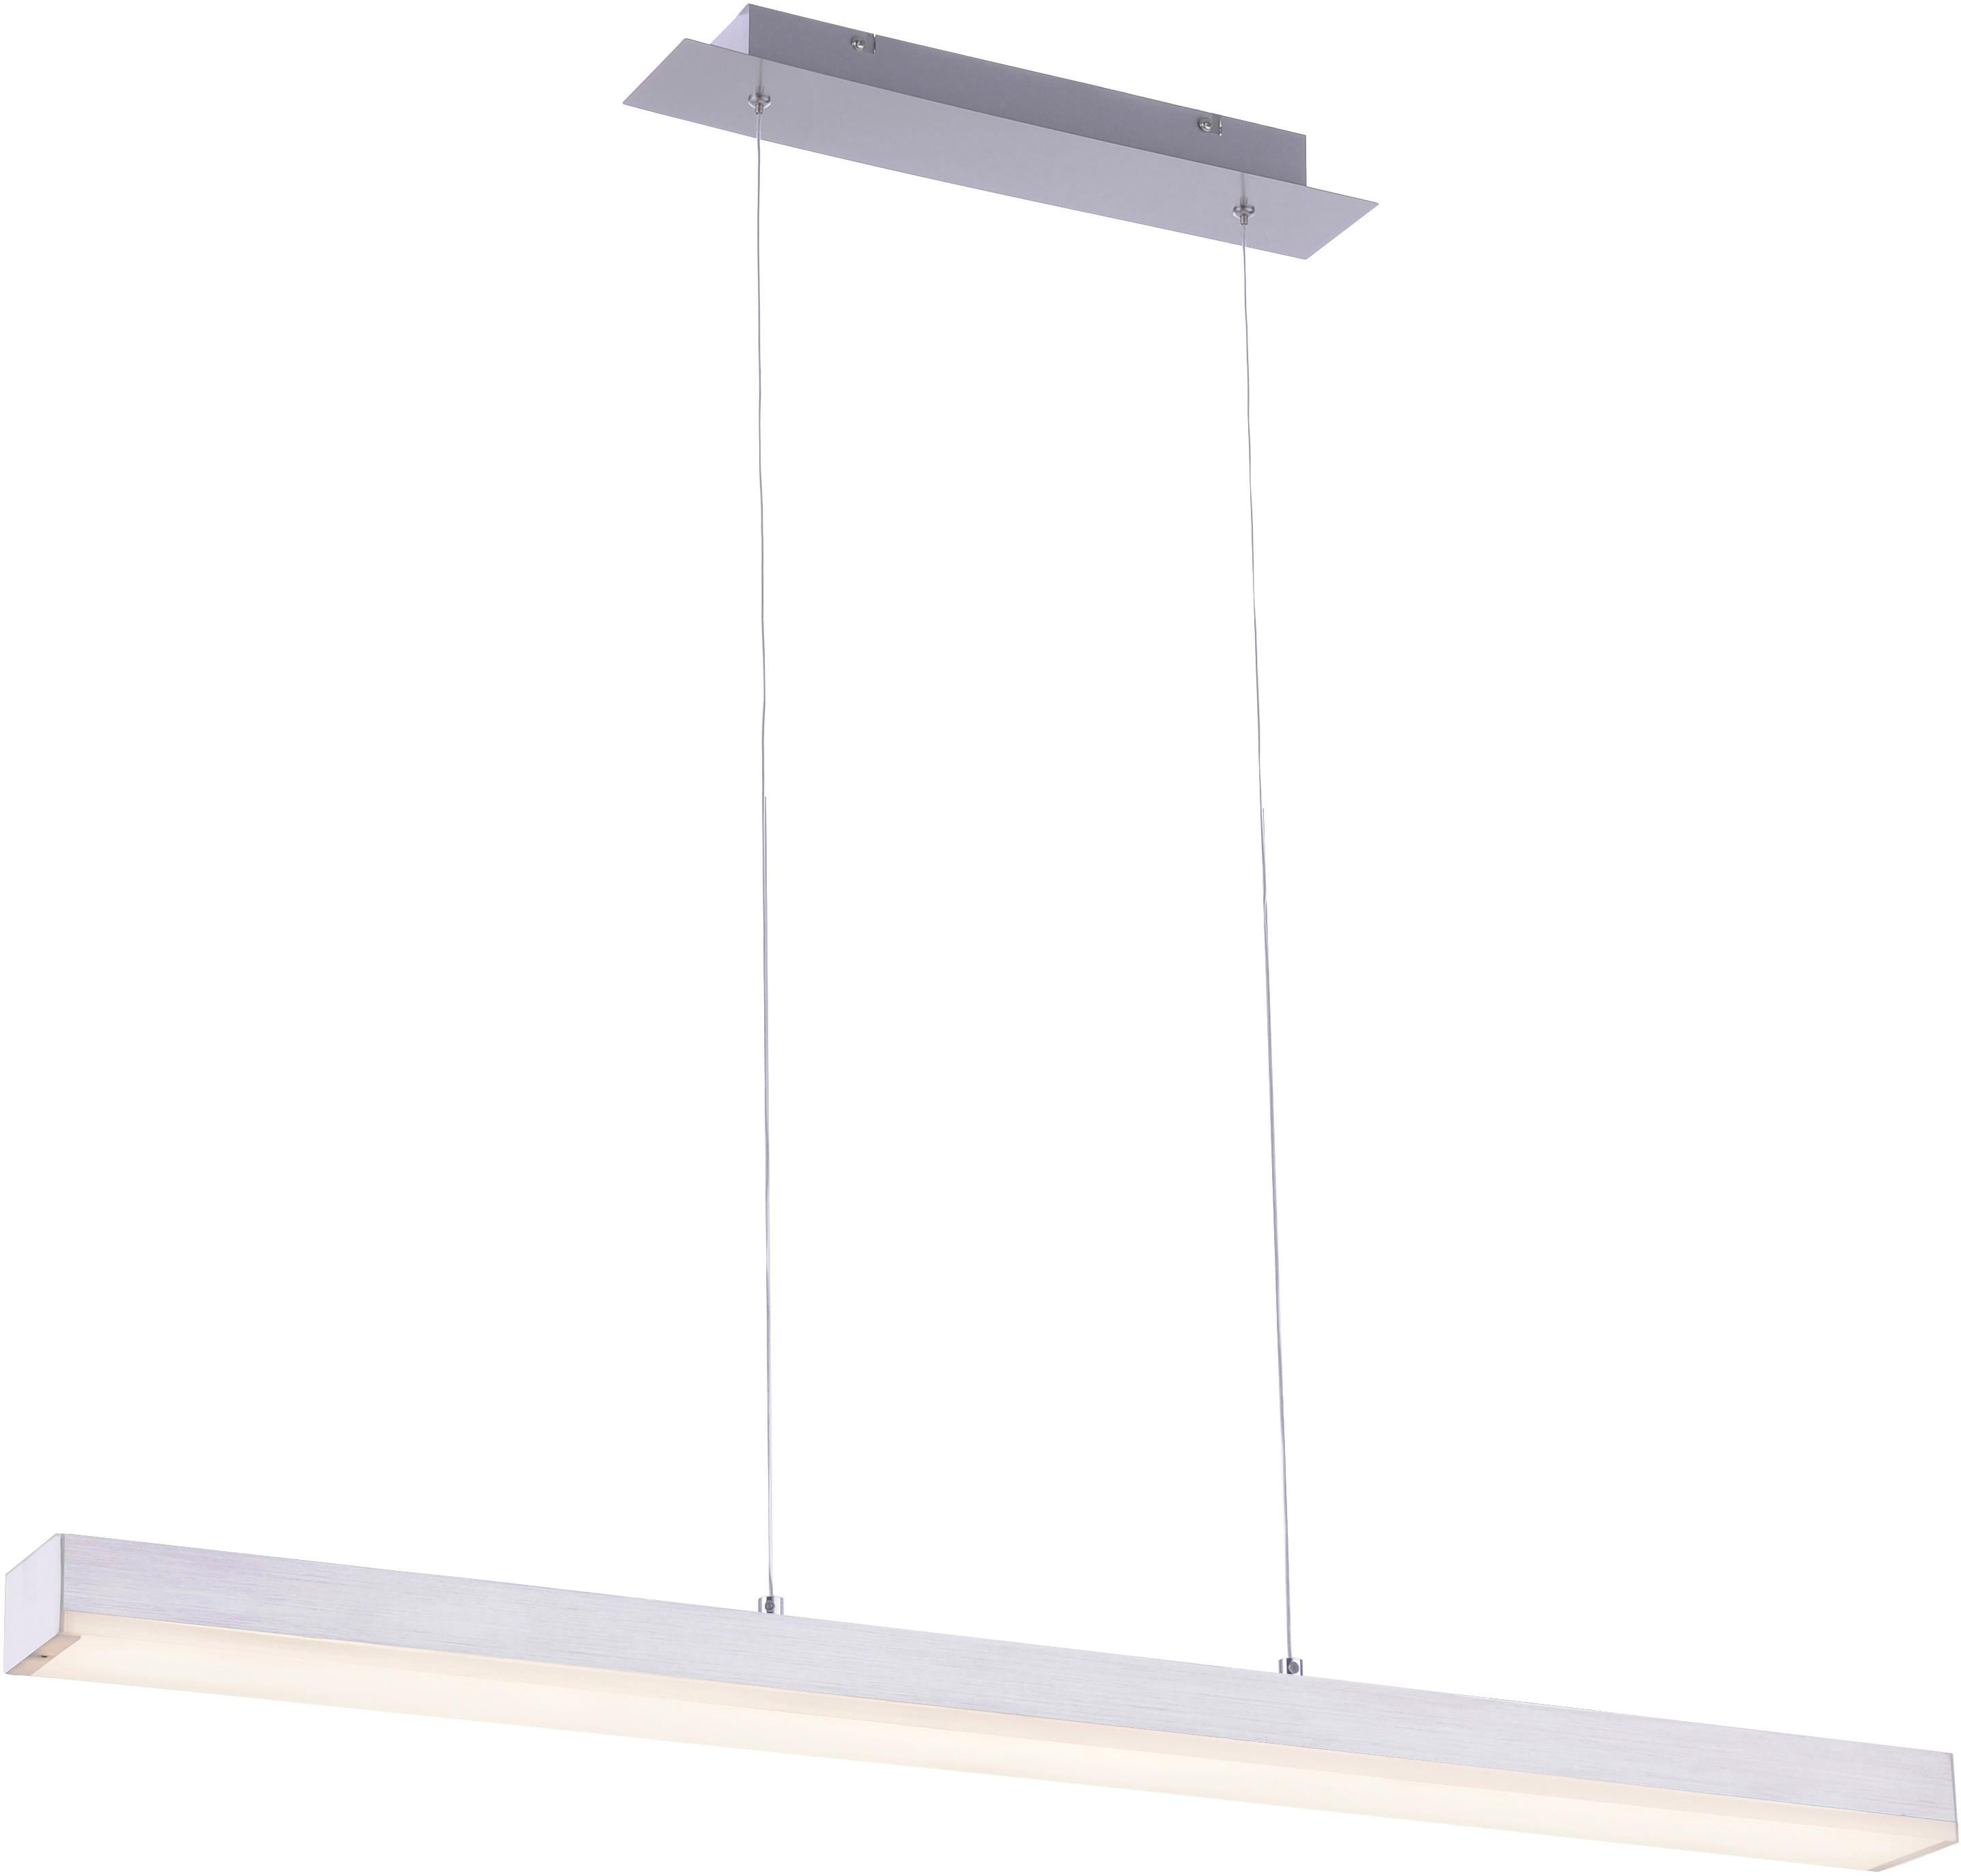 TRIO Leuchten LED Pendelleuchte LIVARO, LED-Board, Warmweiß-Neutralweiß, Hängeleuchte, Mit WiZ-Technologie für eine moderne Smart Home Lösung, dimmbar, Farbwechsel